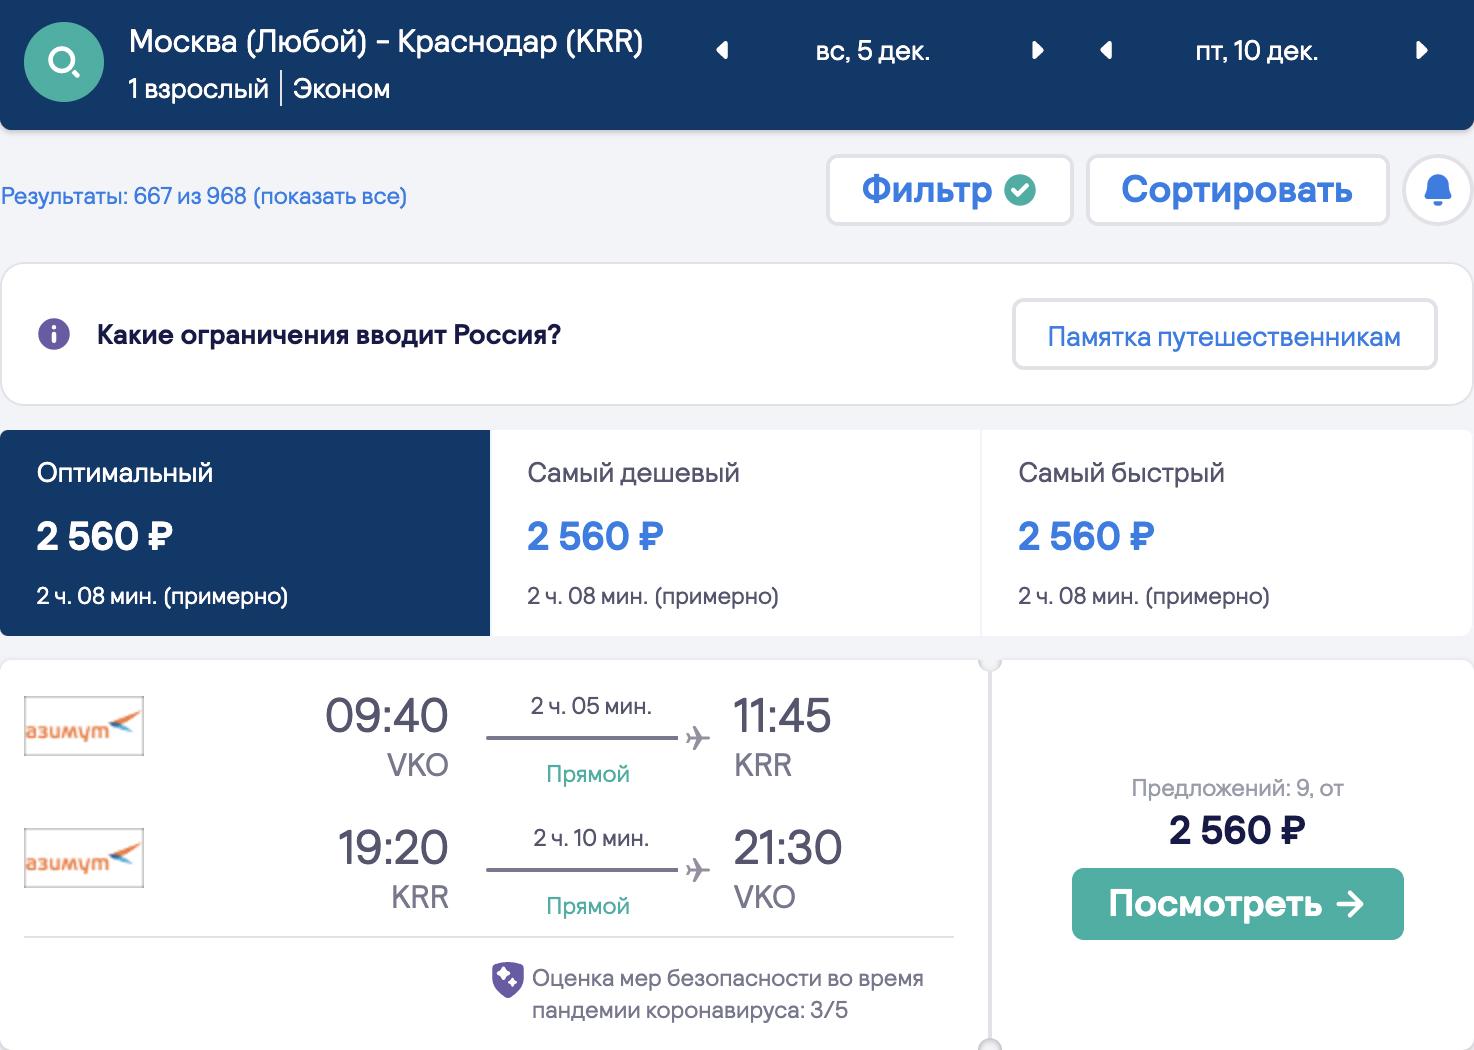 С Азимутом дешево в Краснодар: летим из Москвы за 2600₽ туда-обратно в ноябре и декабре